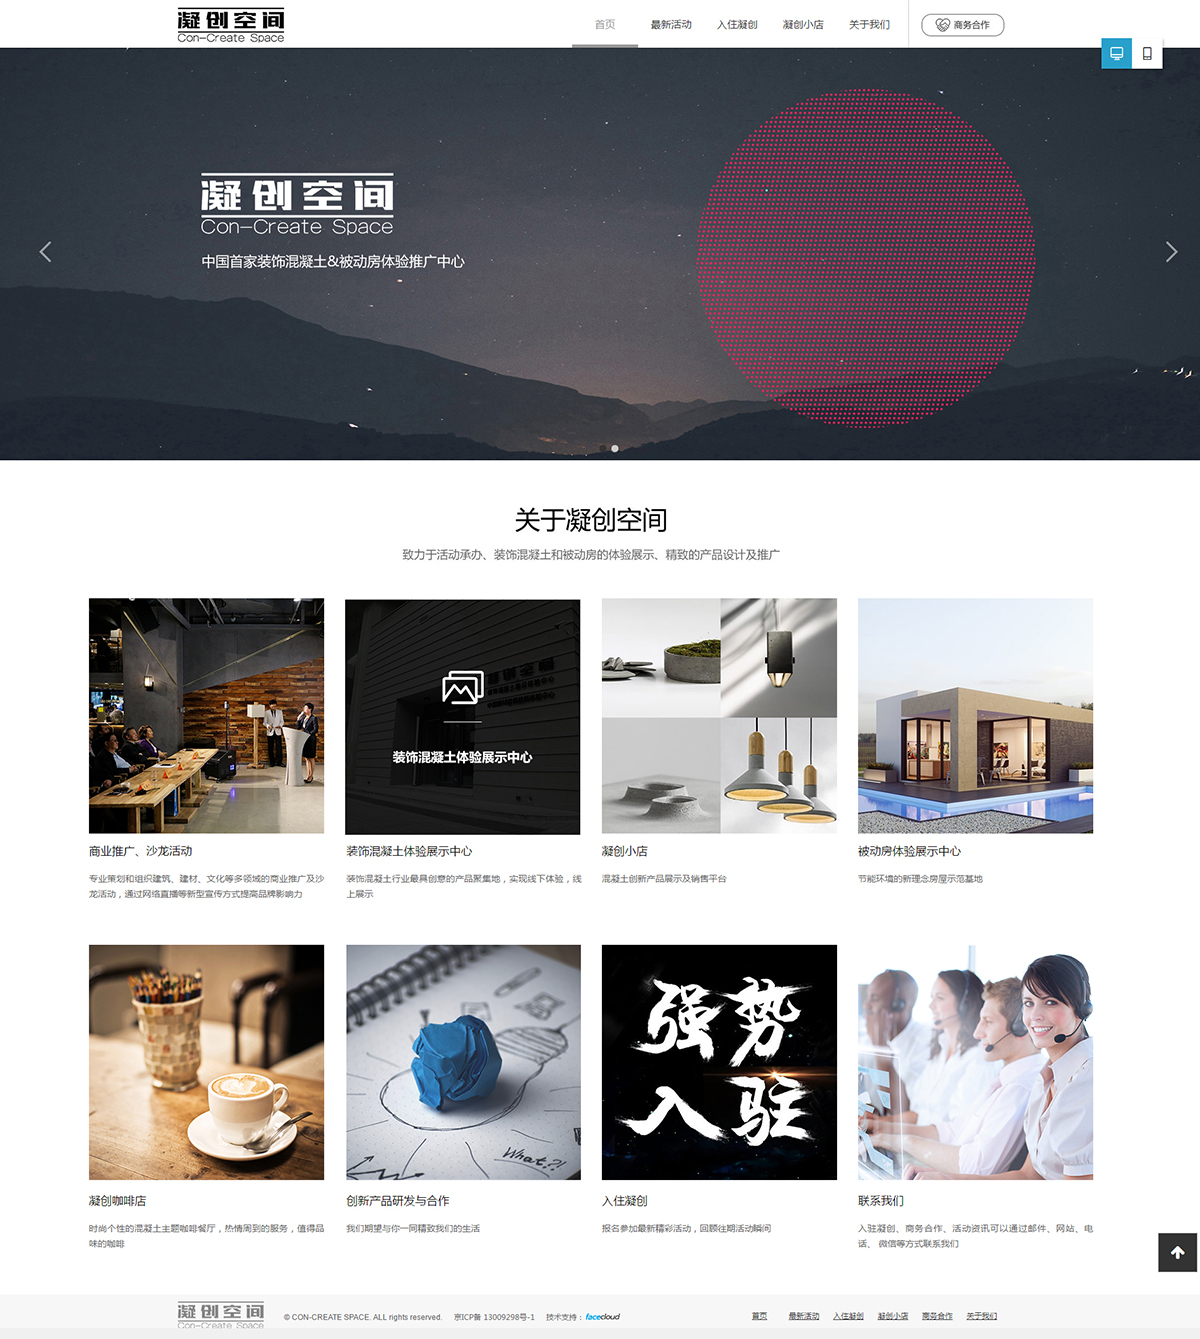 北京凝创空间文化发展有限公司_首页